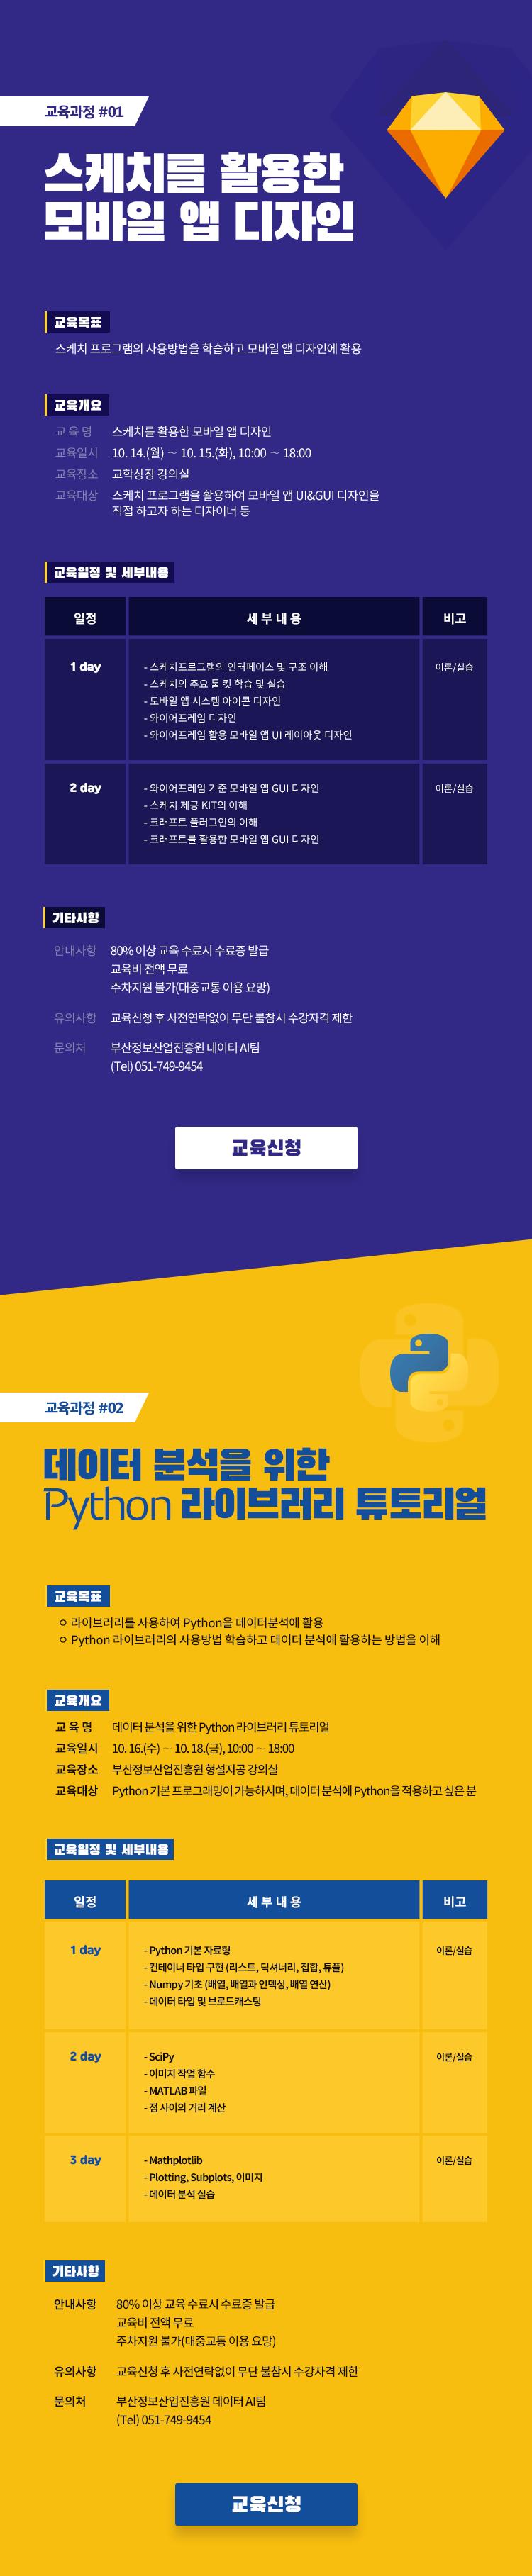 부산모바일앱센터 10월 전문 기술교육 안내